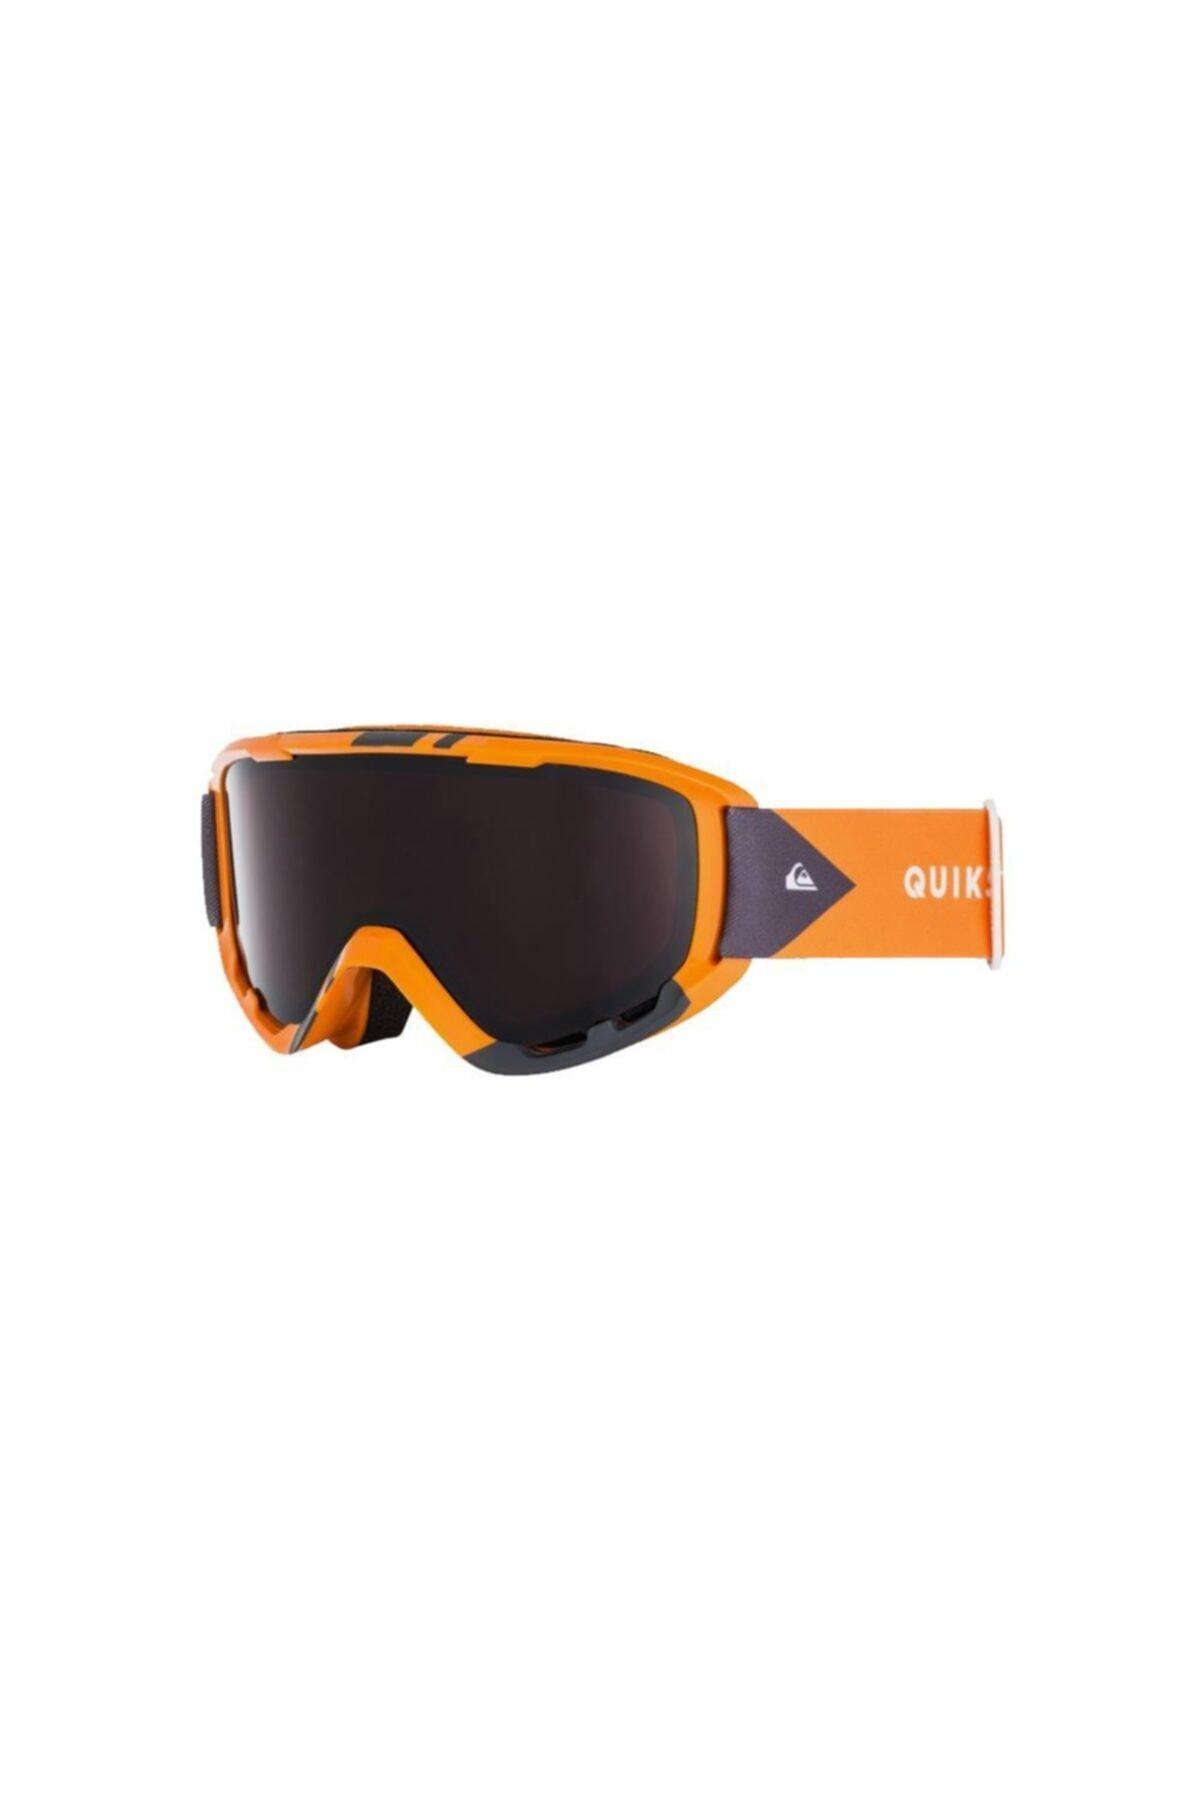 Quiksilver Sherpa Erkek Kayak Ve Snowboard Gözlük Eqytg03101nkp0 1